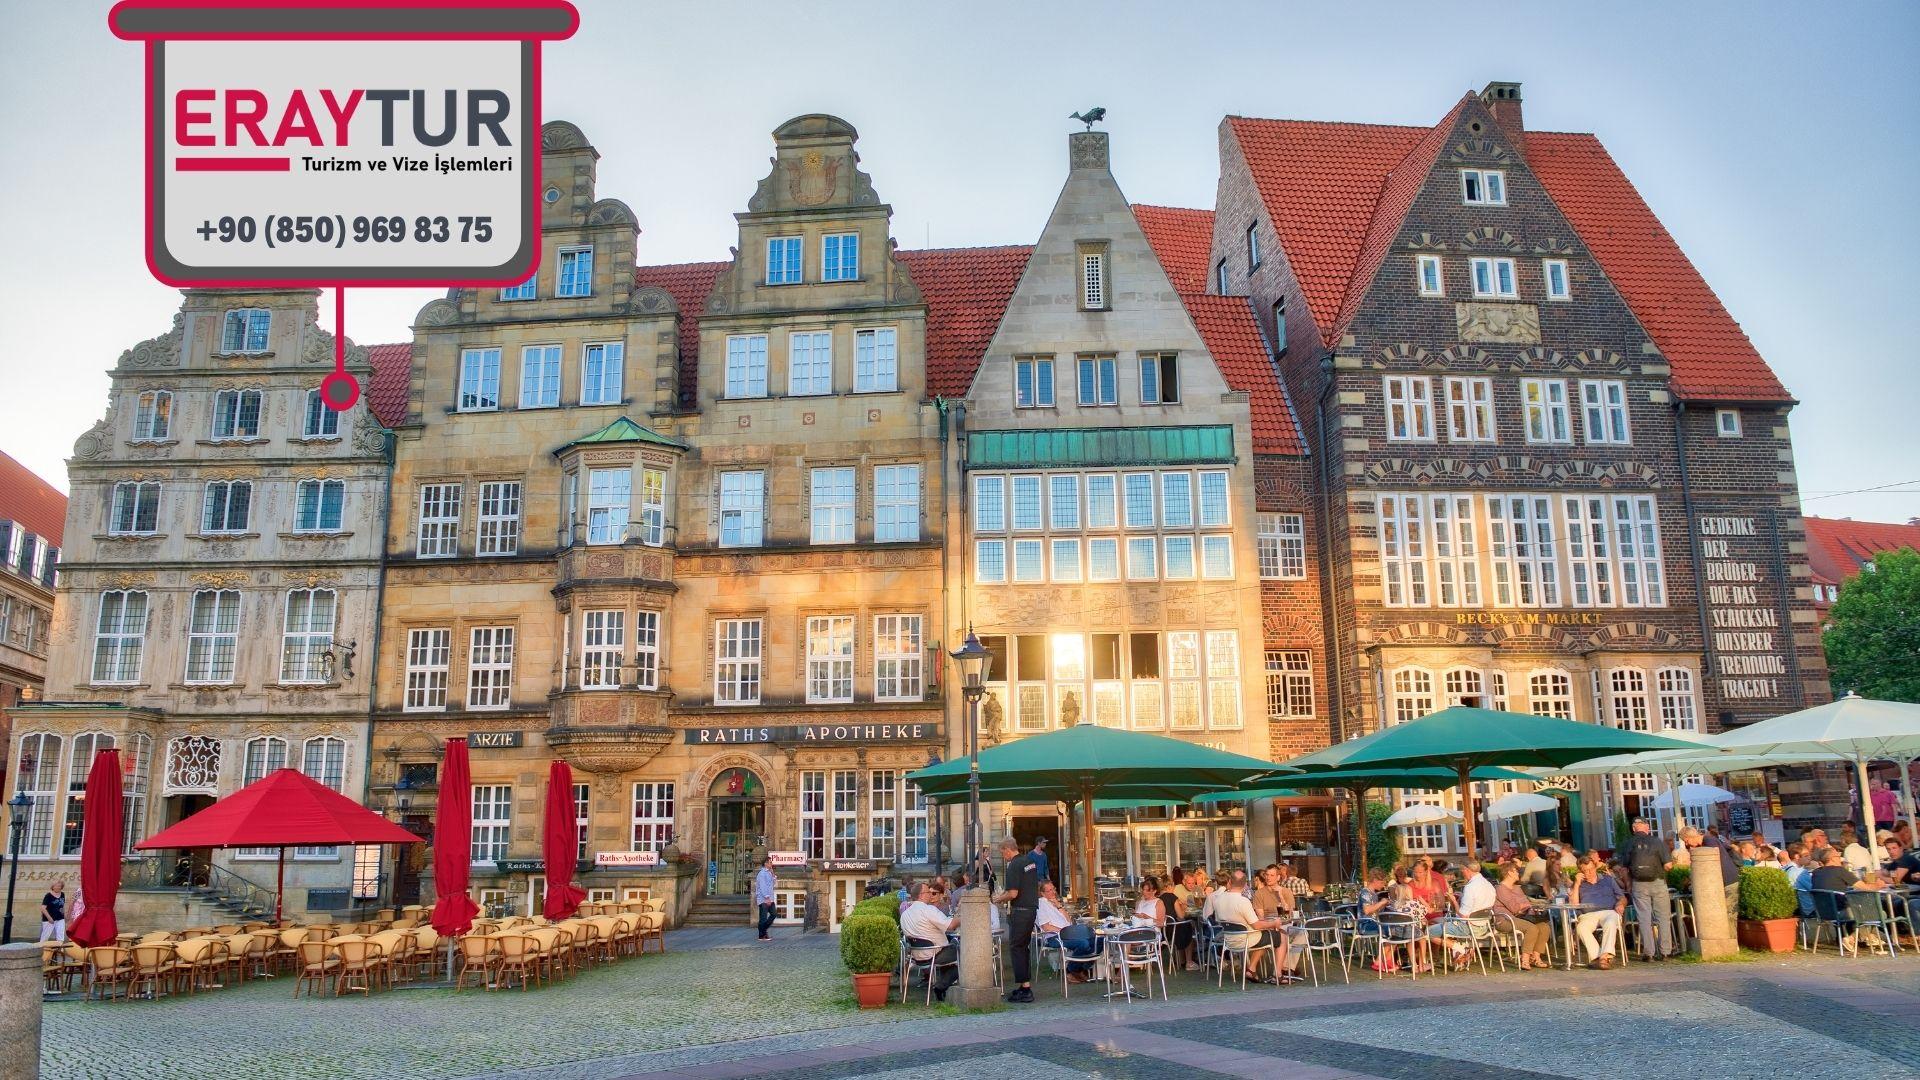 Almanya'ya Gitmek İçin Vize Gerekli Mi?